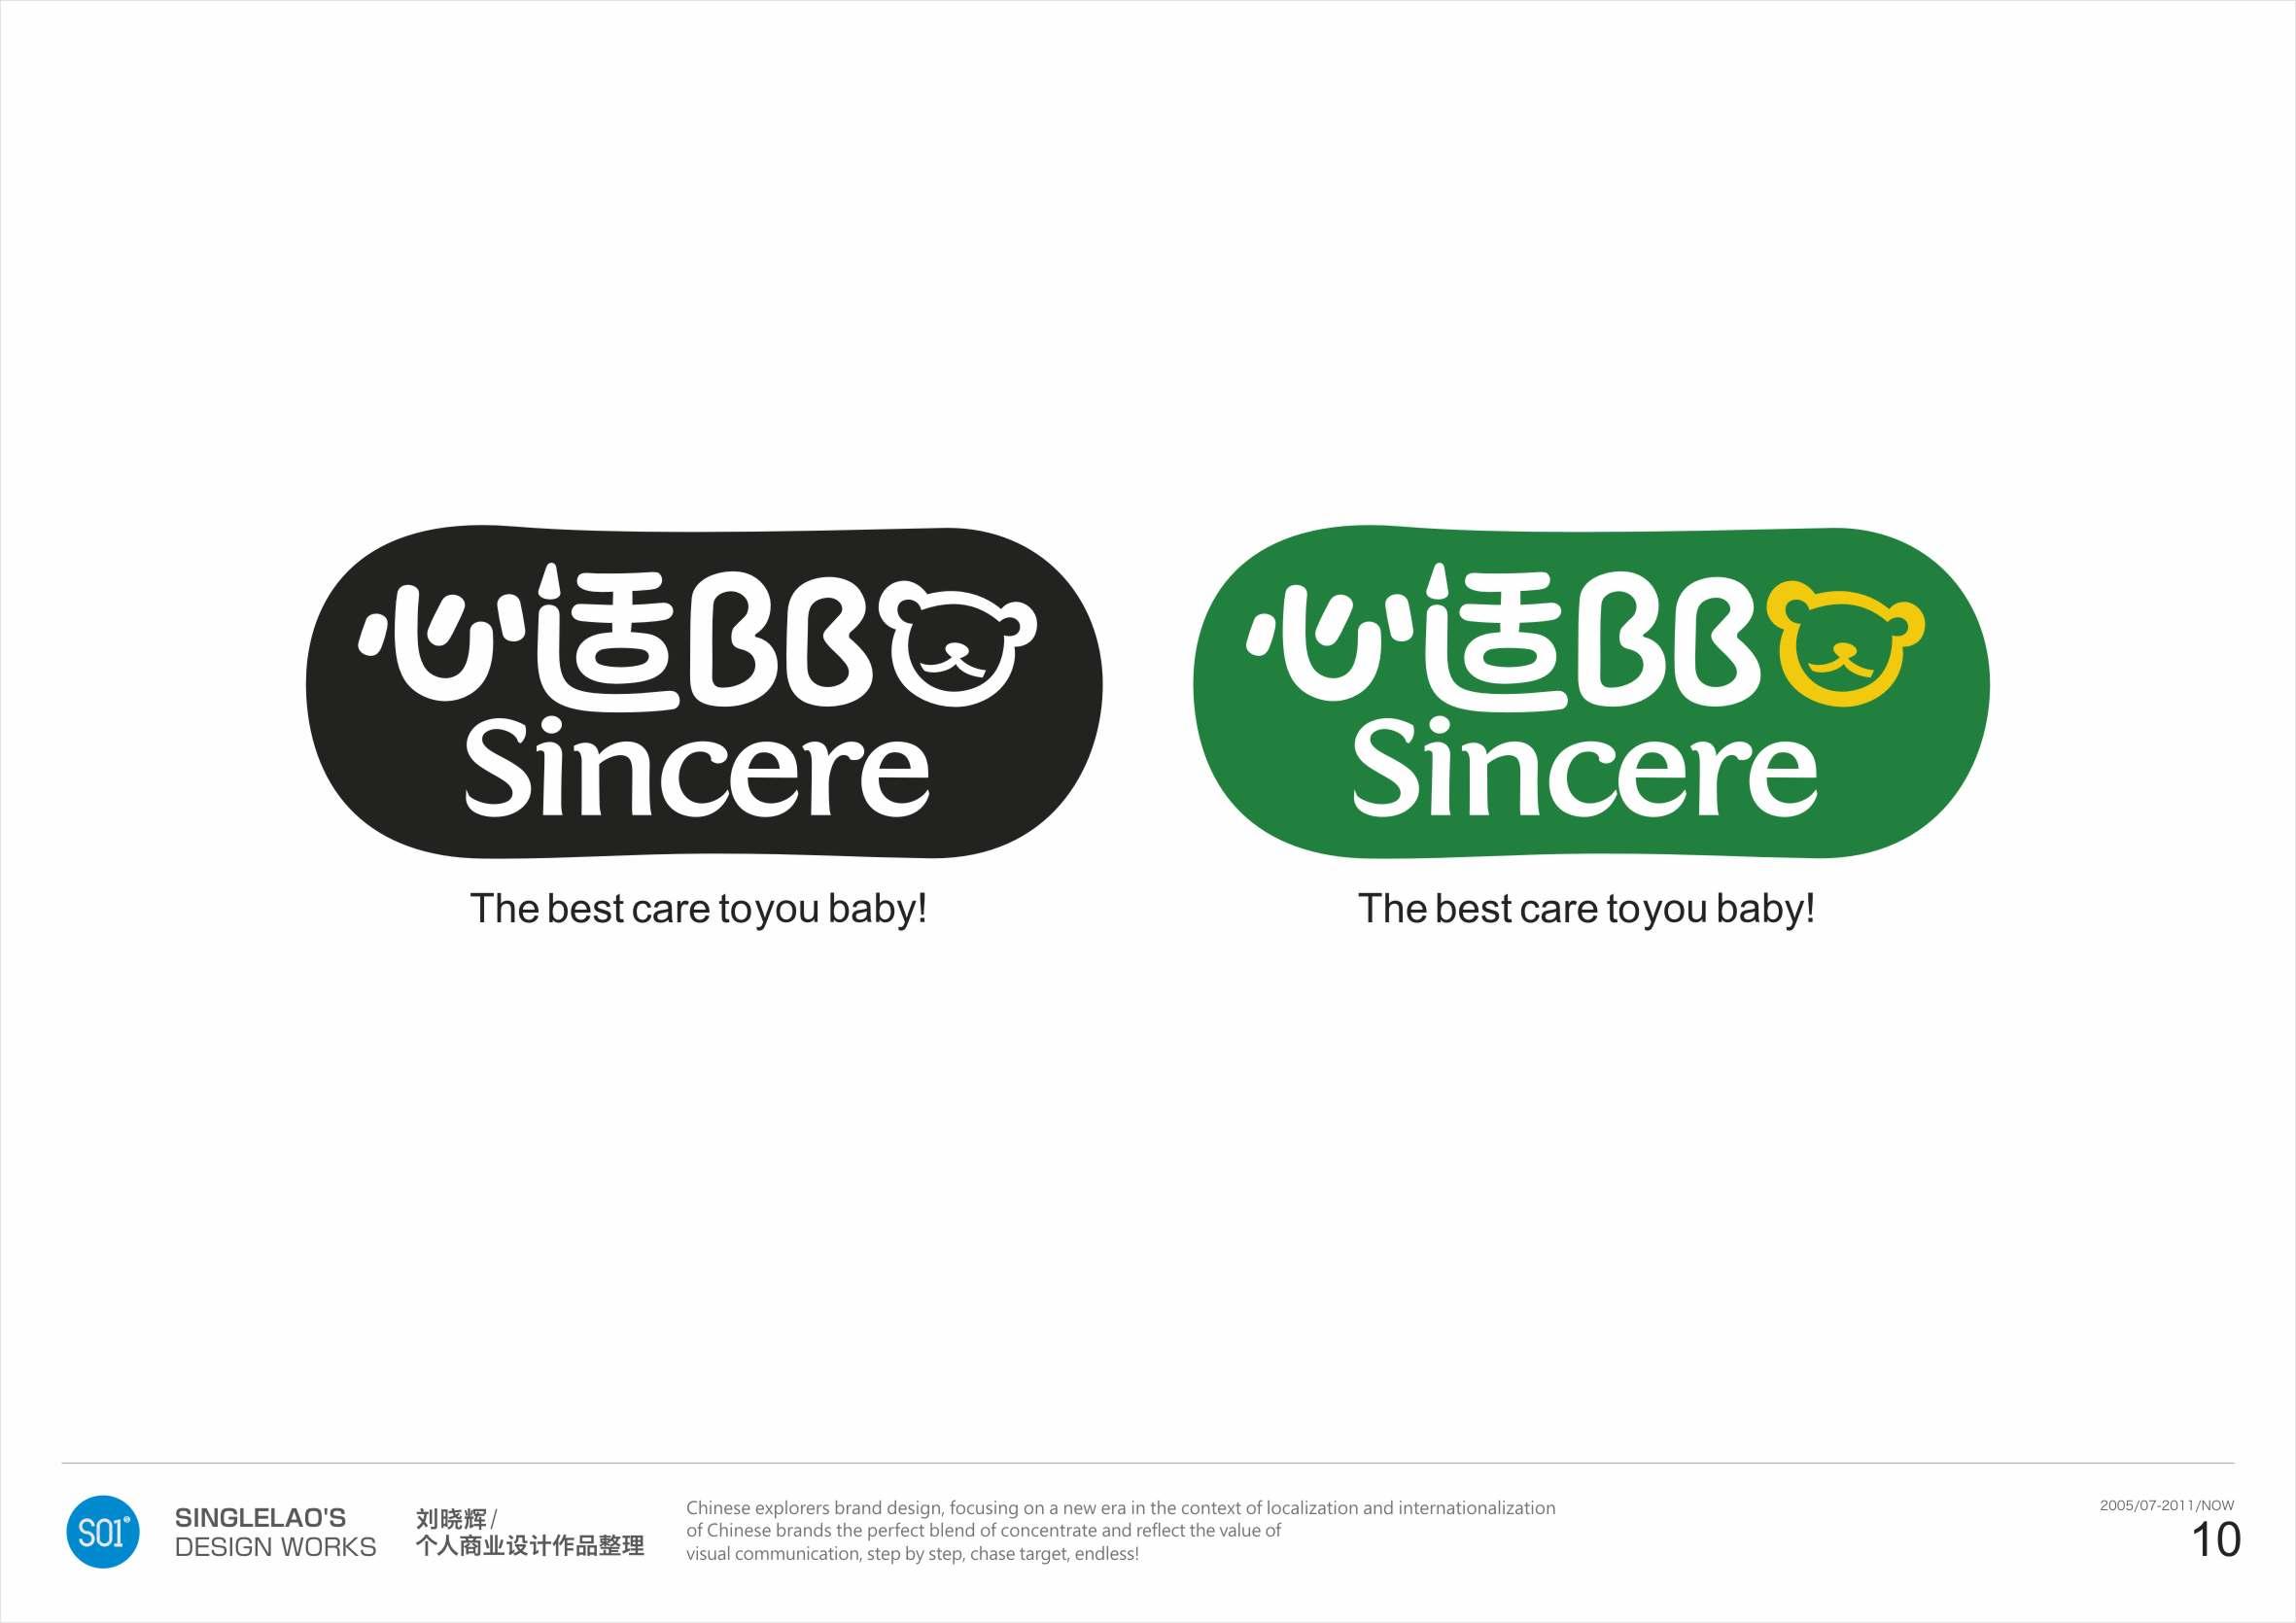 心适贝贝婴幼儿产品品牌logo设计图片